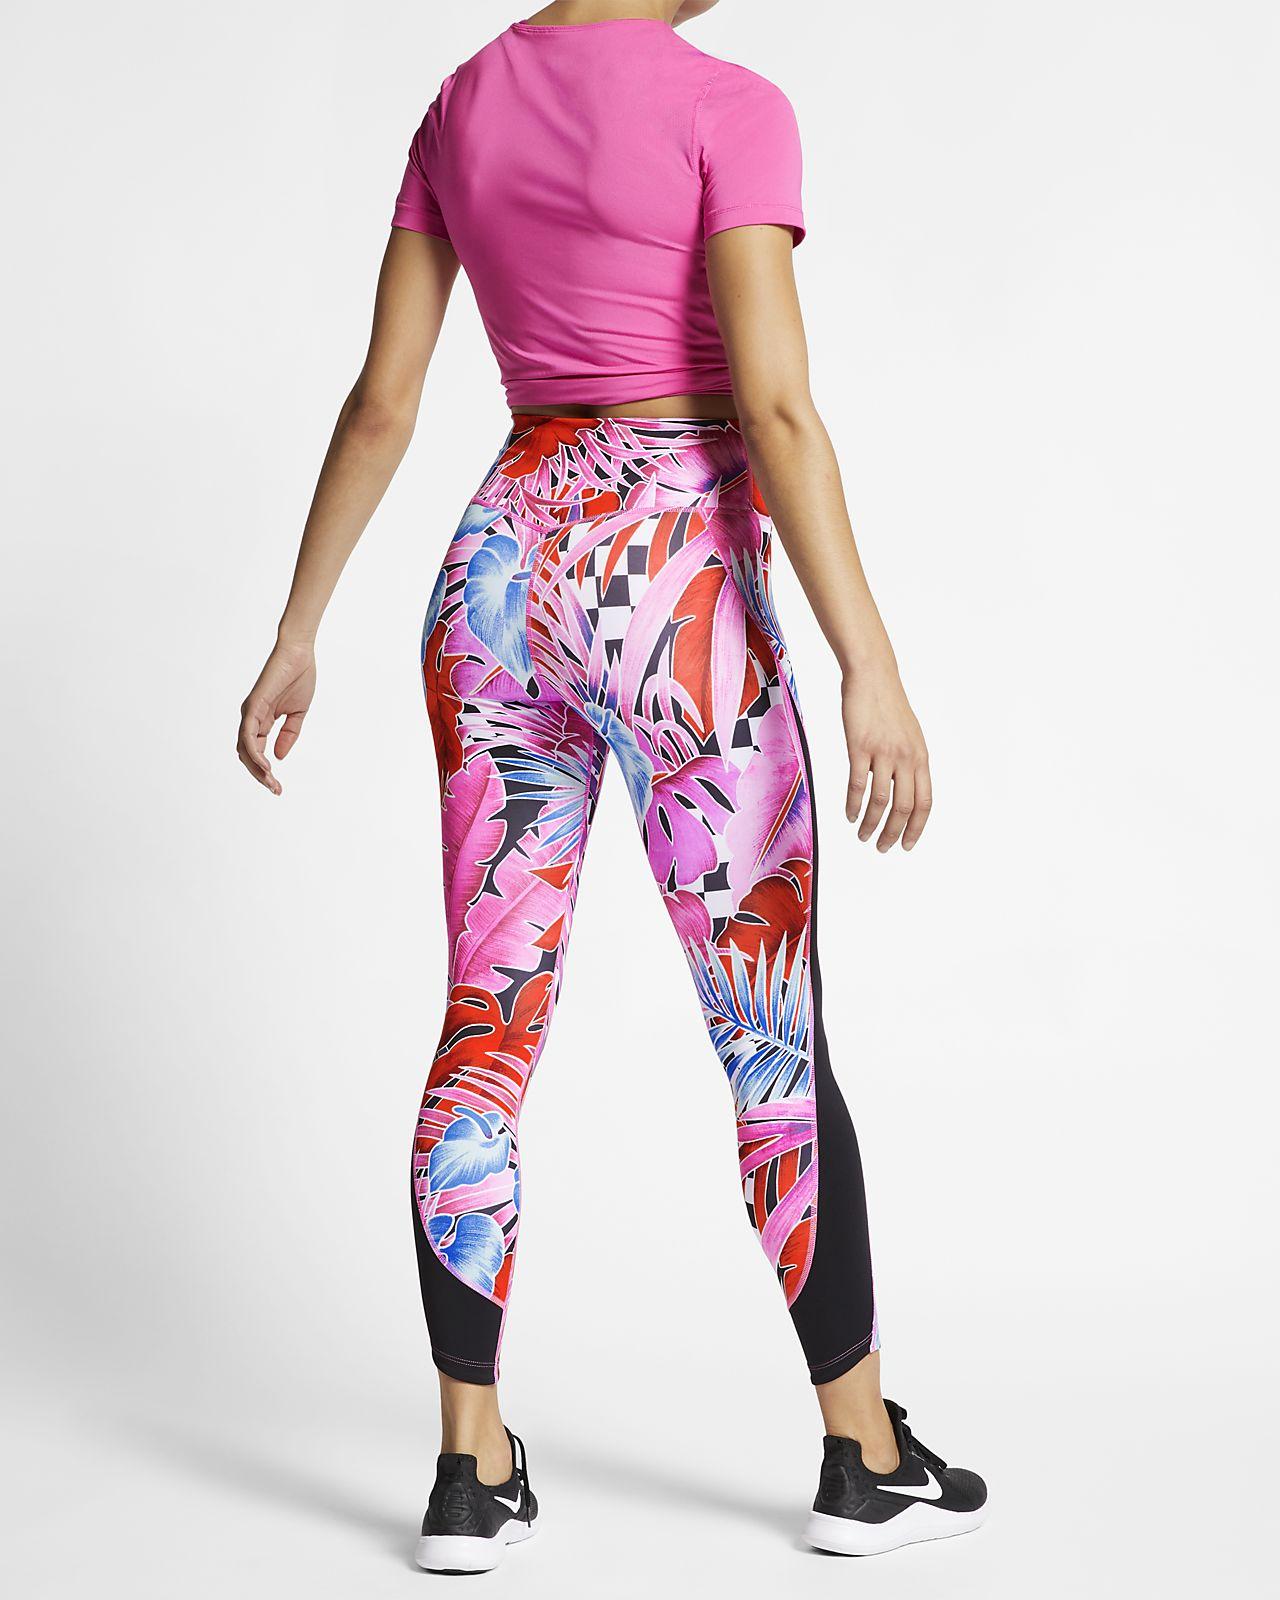 0dc8ded19cb Nike One 7/8-trainingstights met print voor dames. Nike.com BE